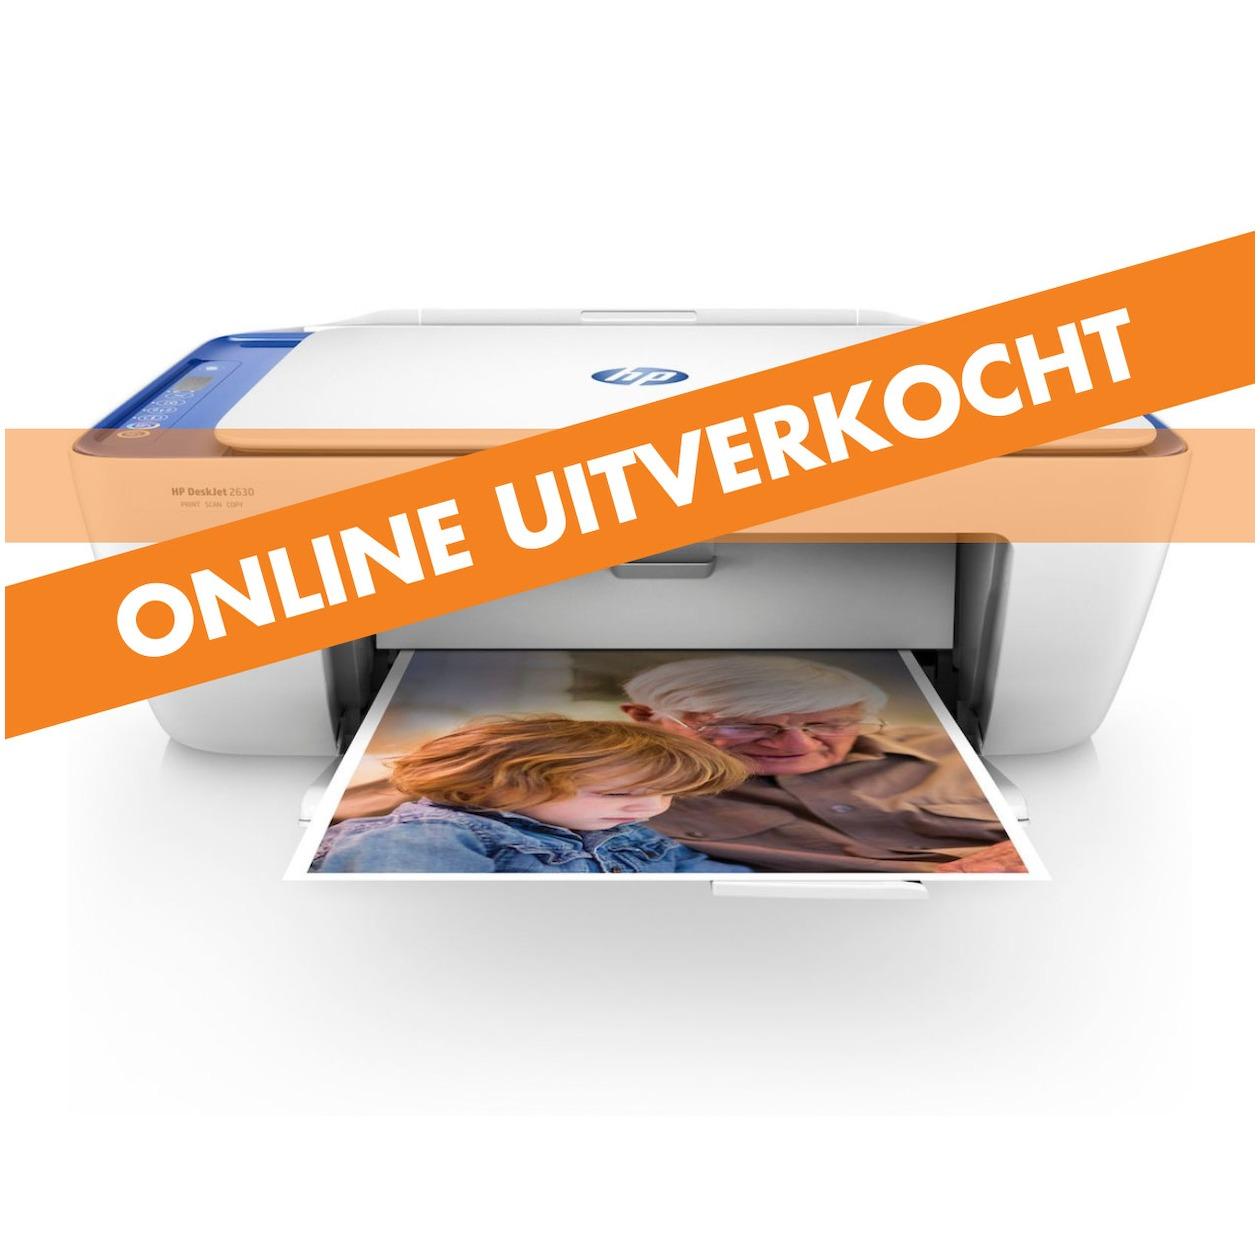 Dagaanbieding - HP all-in-one inkjet printer DeskJet 2630 dagelijkse koopjes